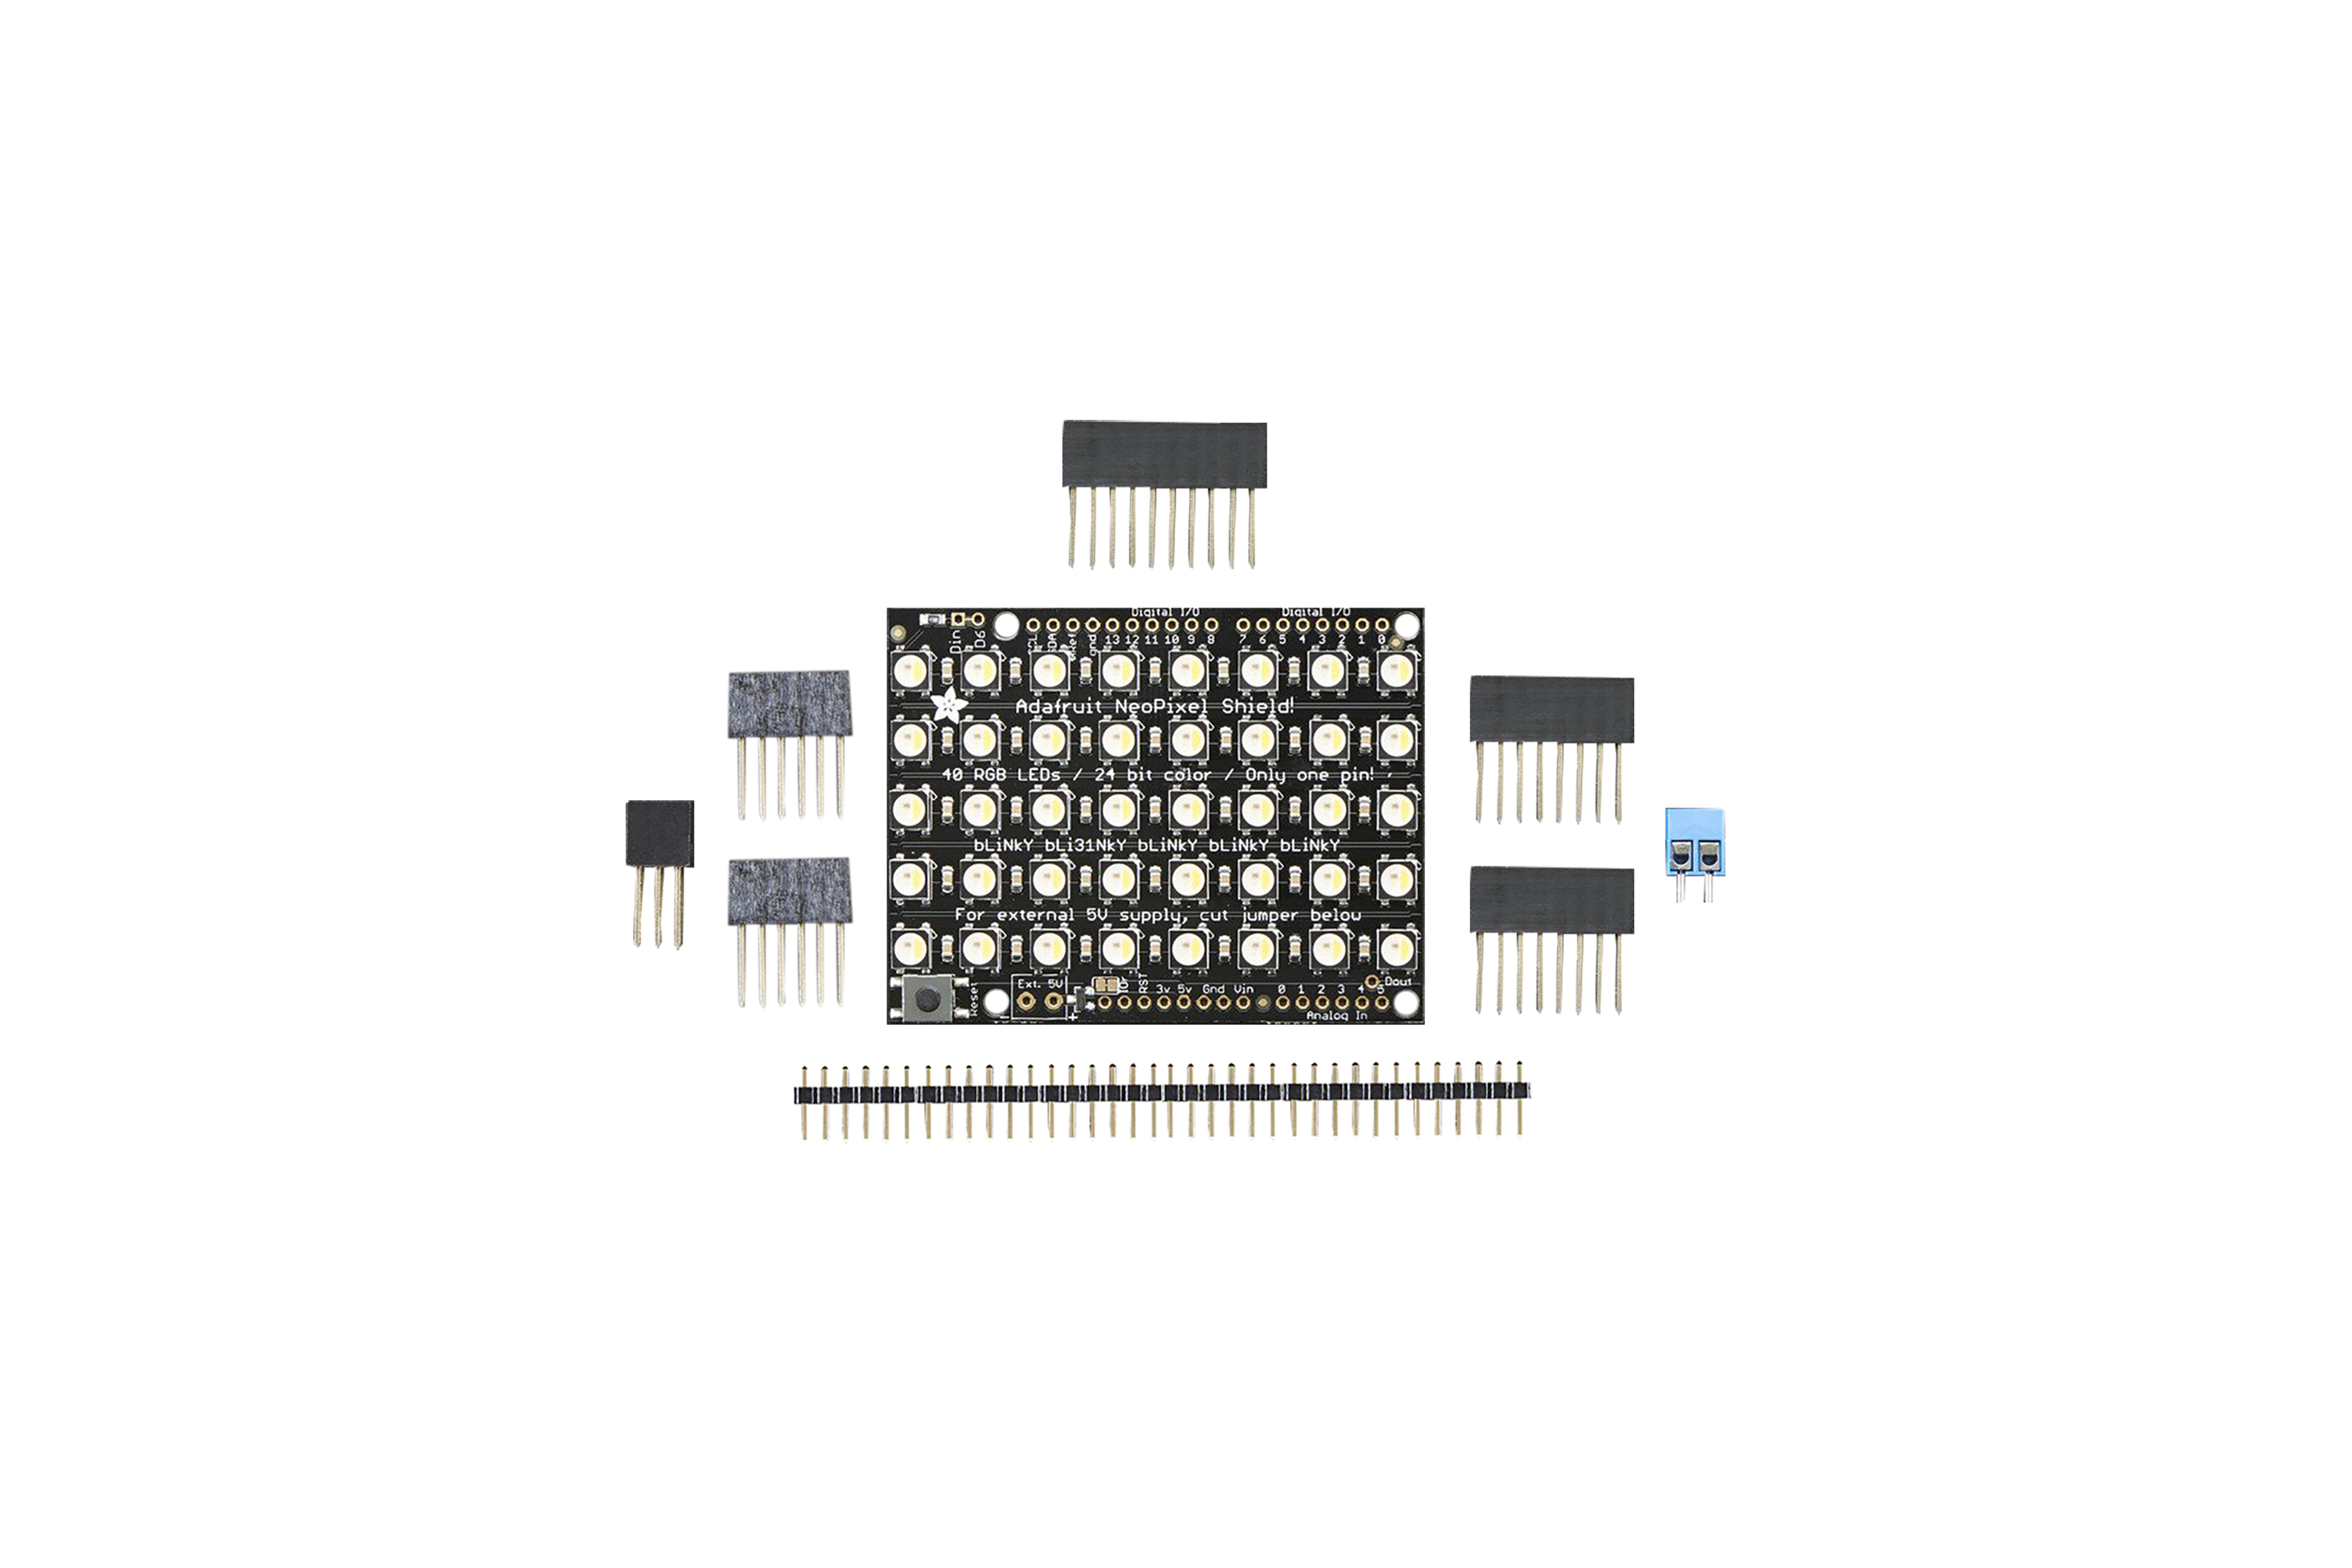 NEOPIXEL SHIELD 40 RGBW LED SHIELD 6000 K